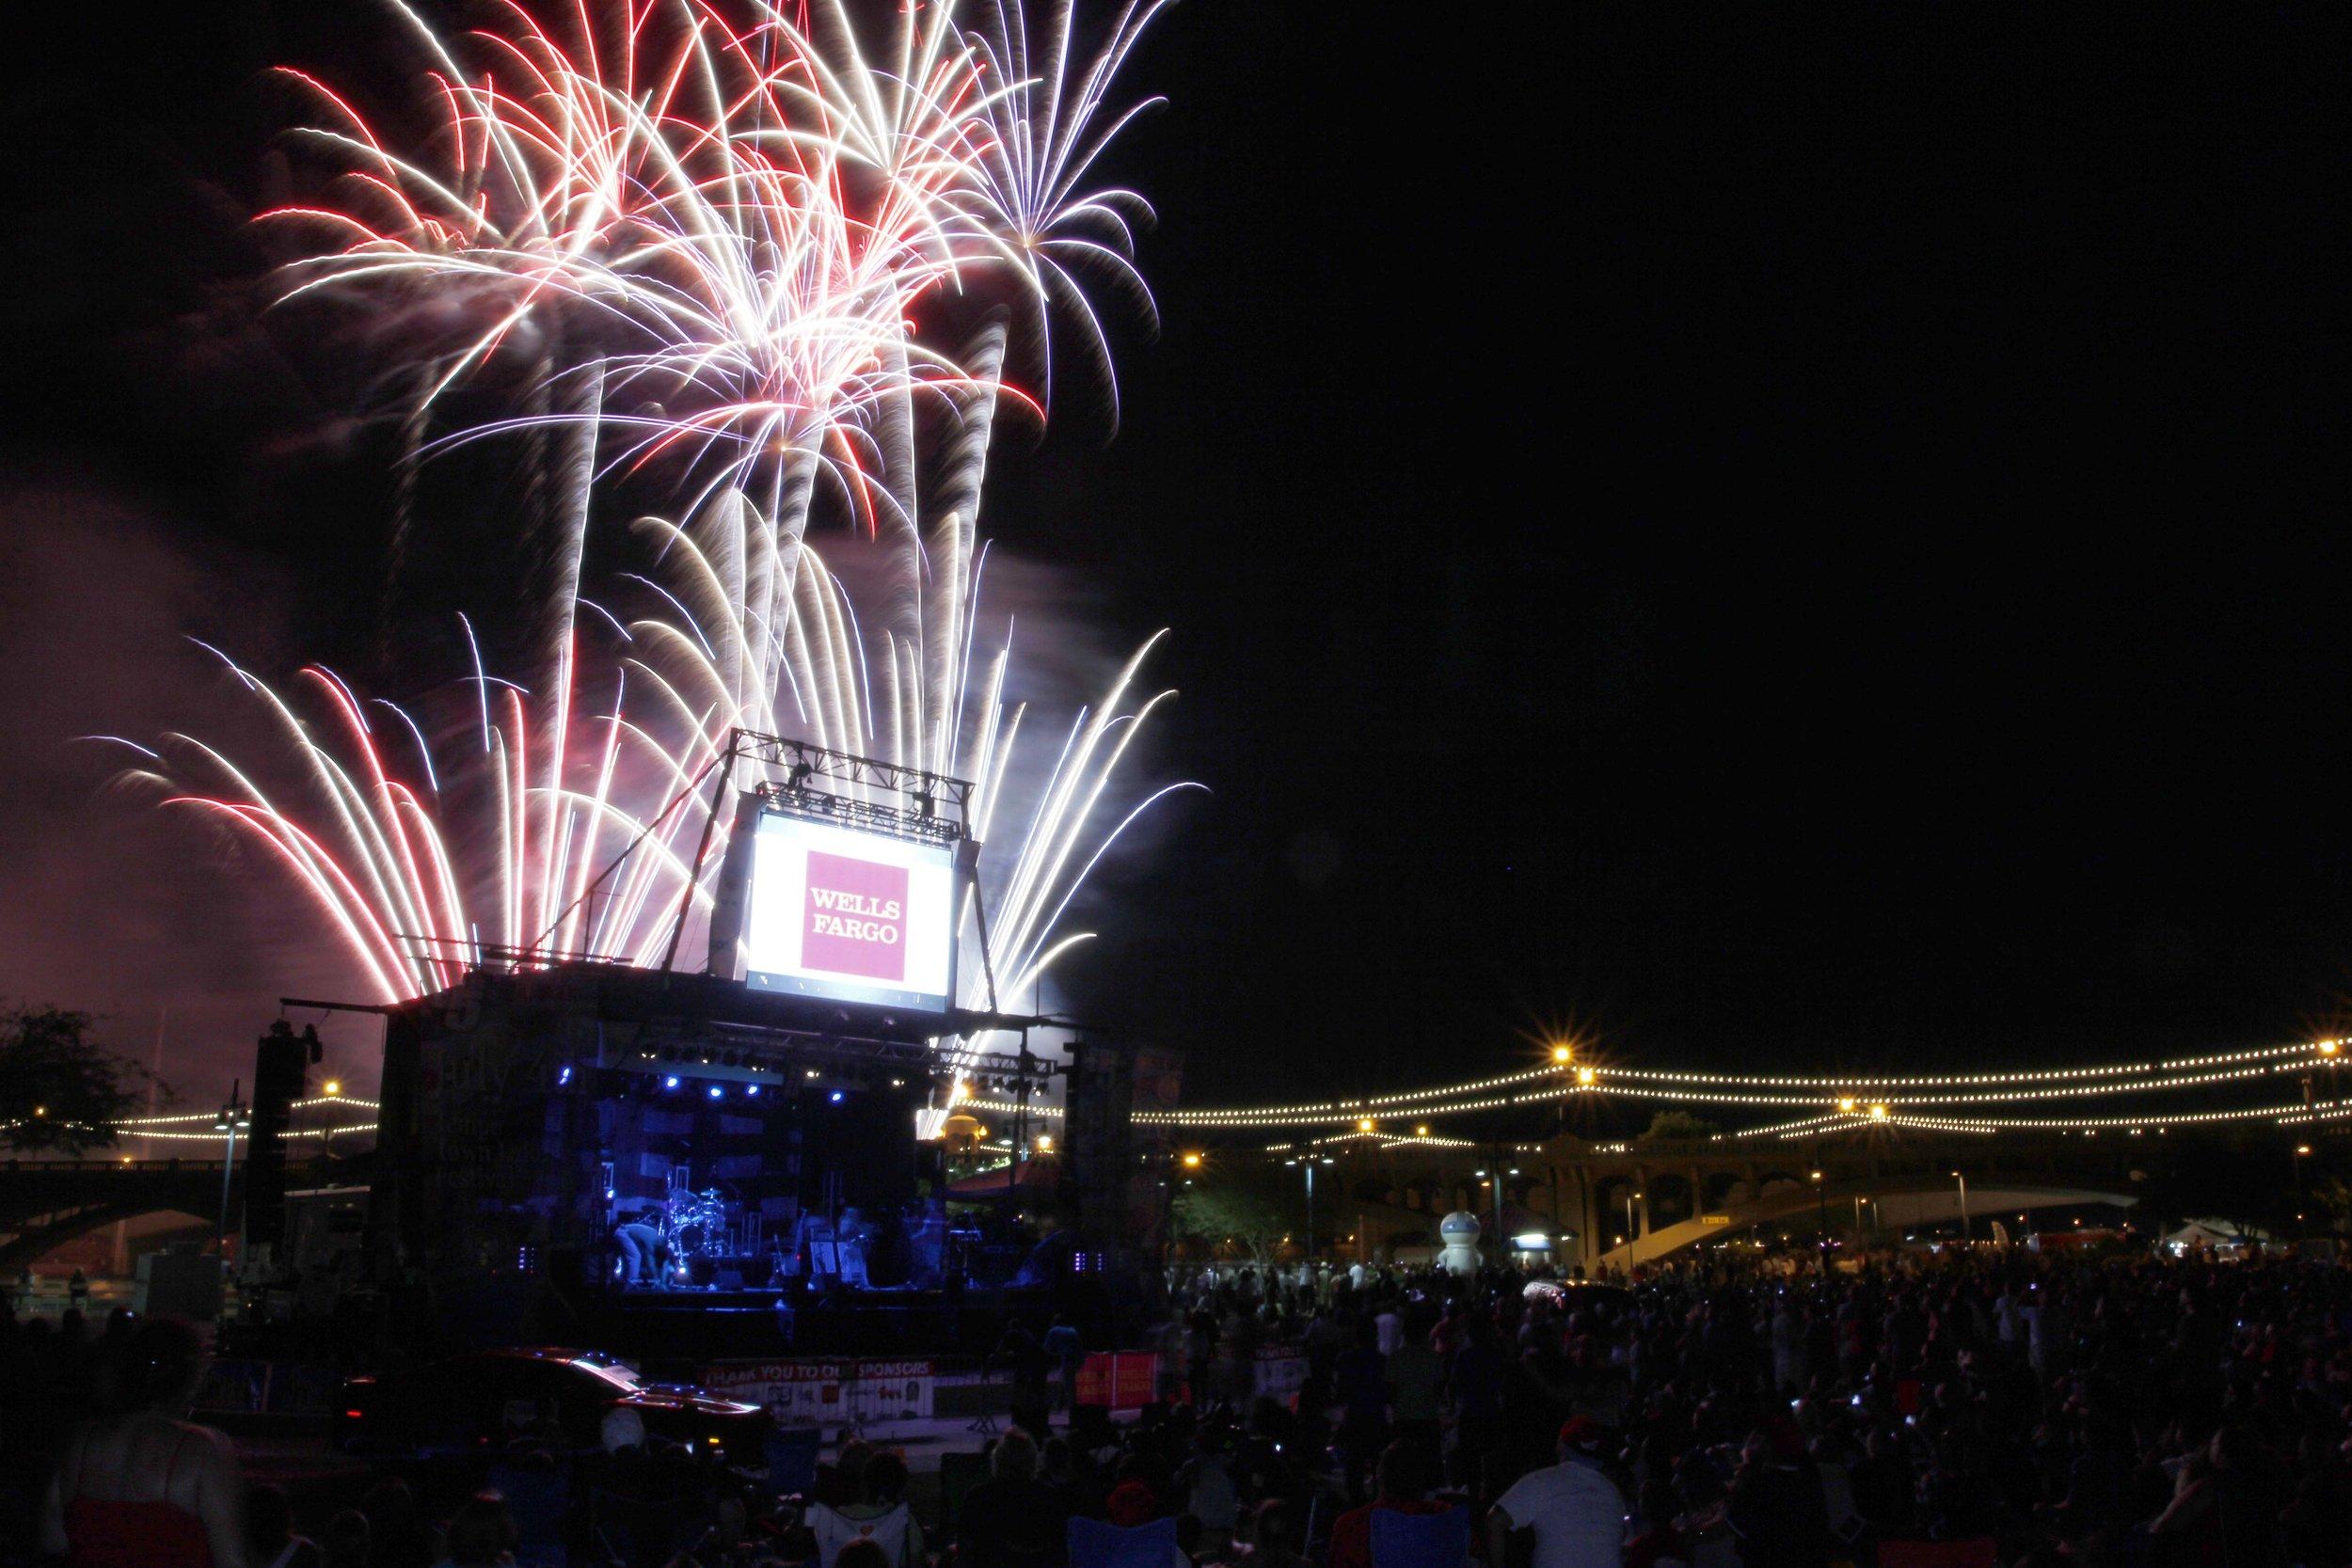 Fireworks_Wells Fargo.jpg